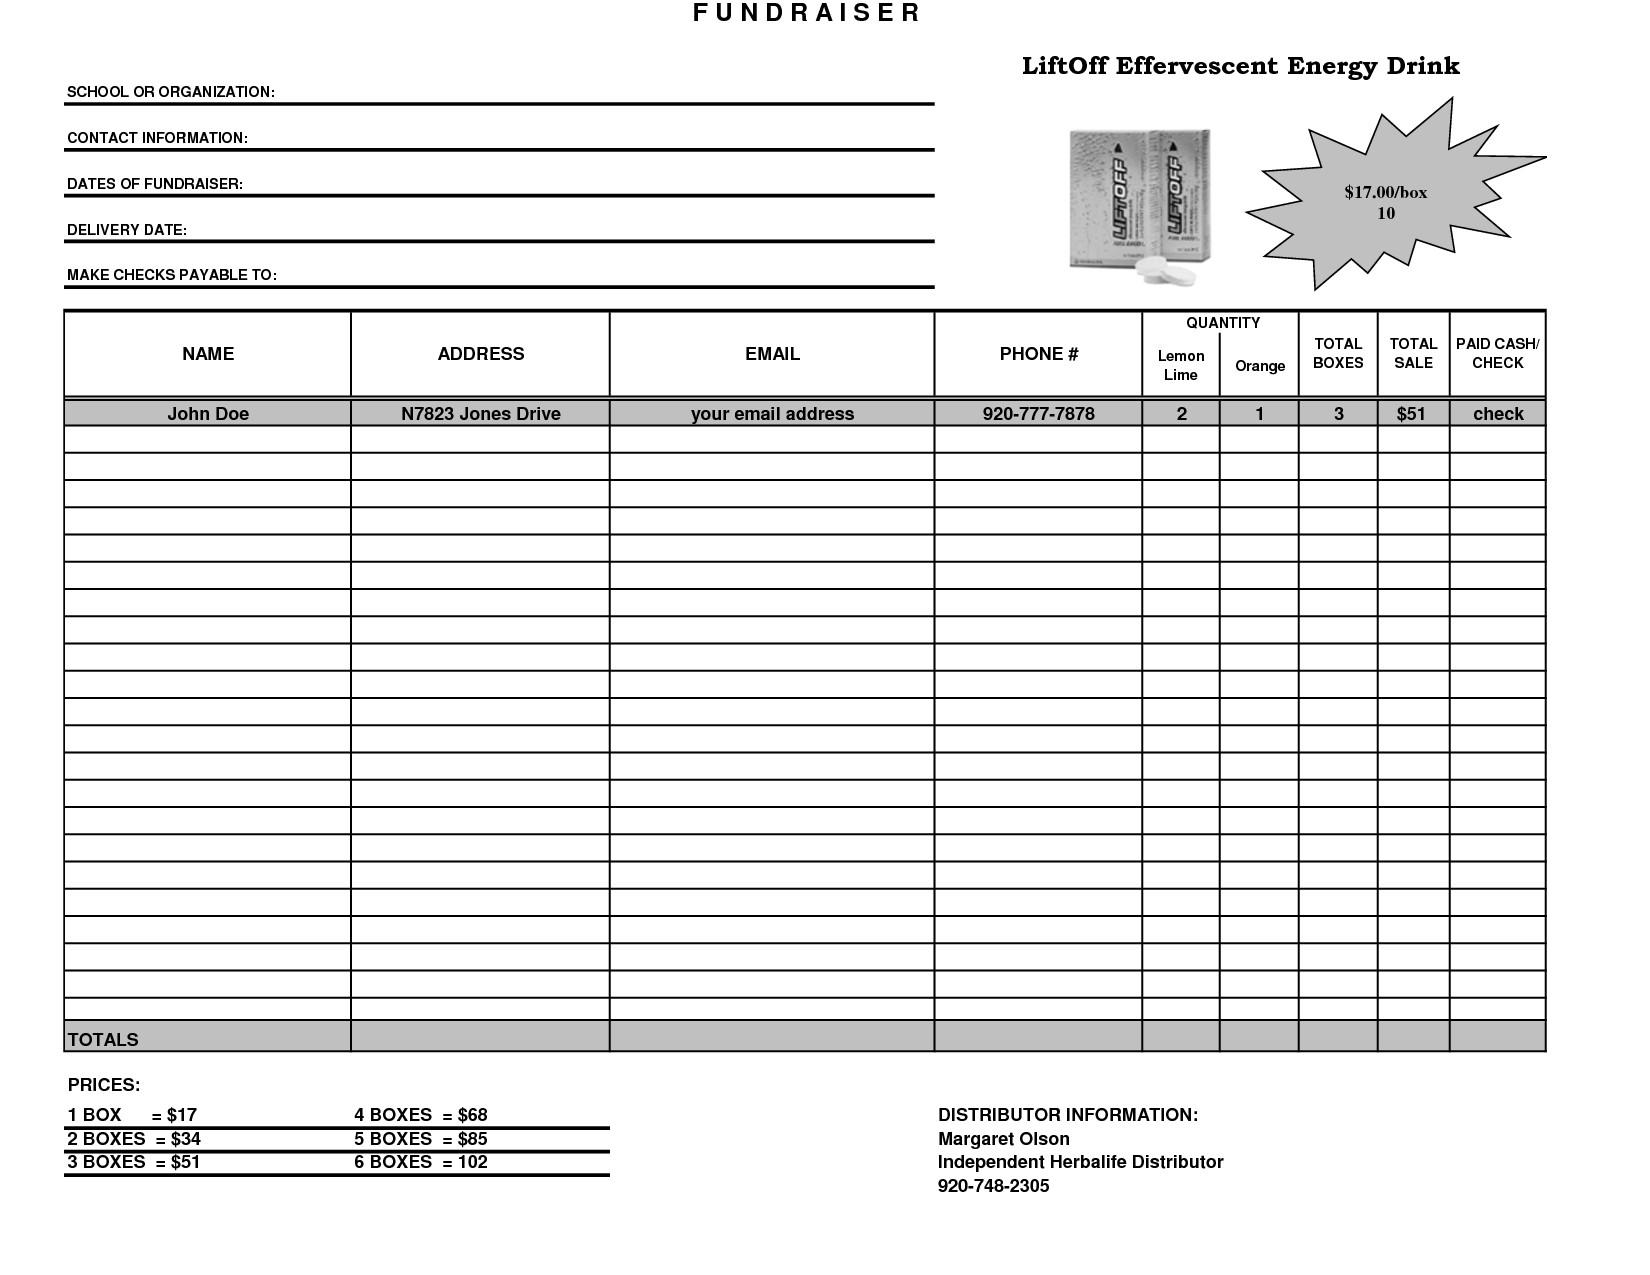 Fundraising order form Templates Fundraiser Template Excel Fundraiser order form Template